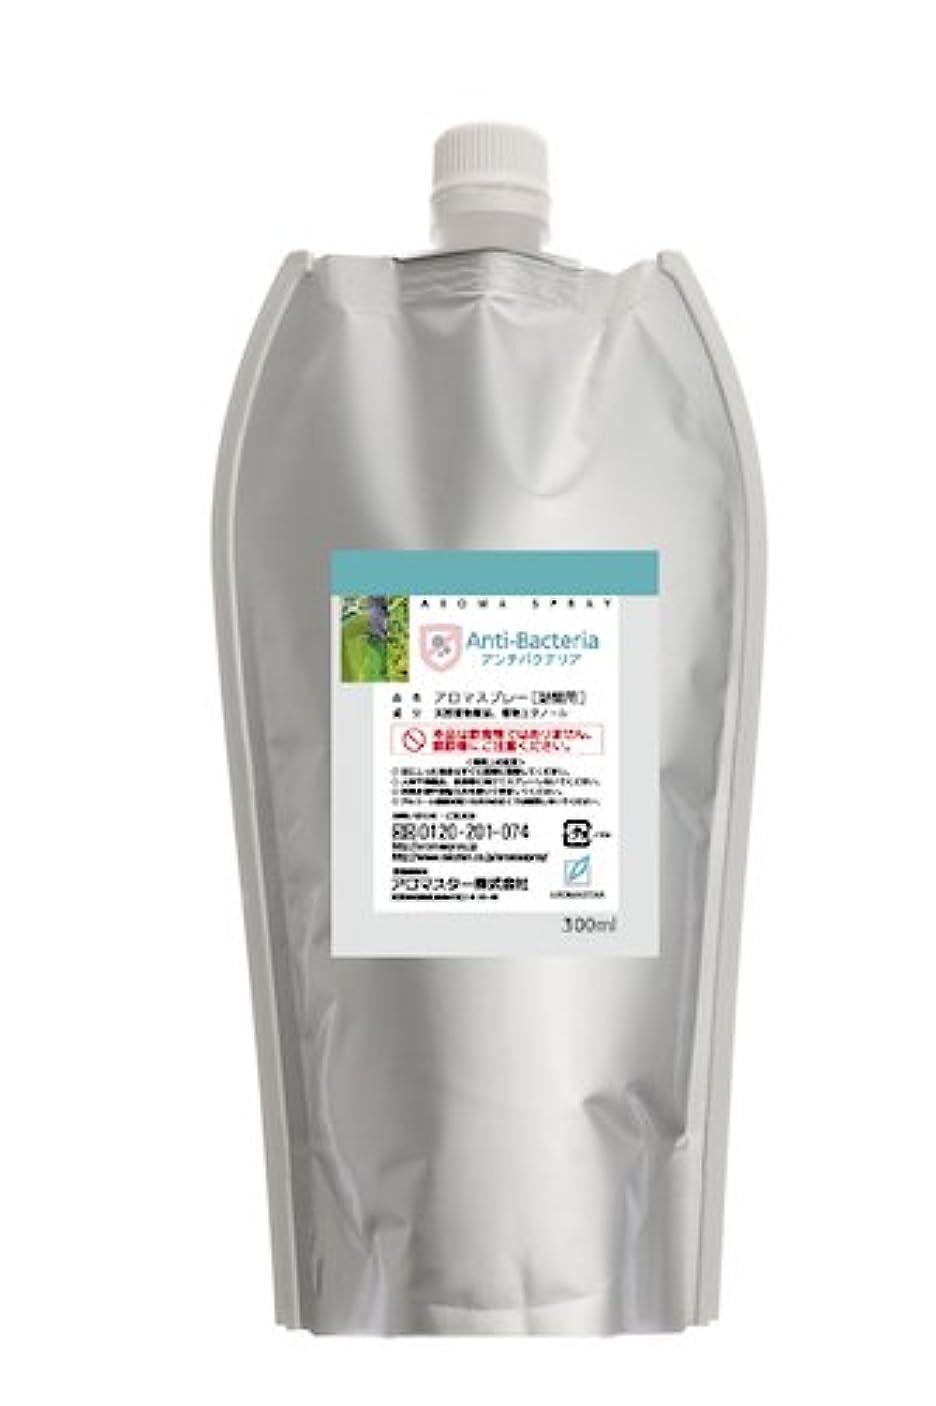 フレア広く育成AROMASTAR(アロマスター) アロマスプレー アンチバクテリア 300ml詰替用(エコパック)